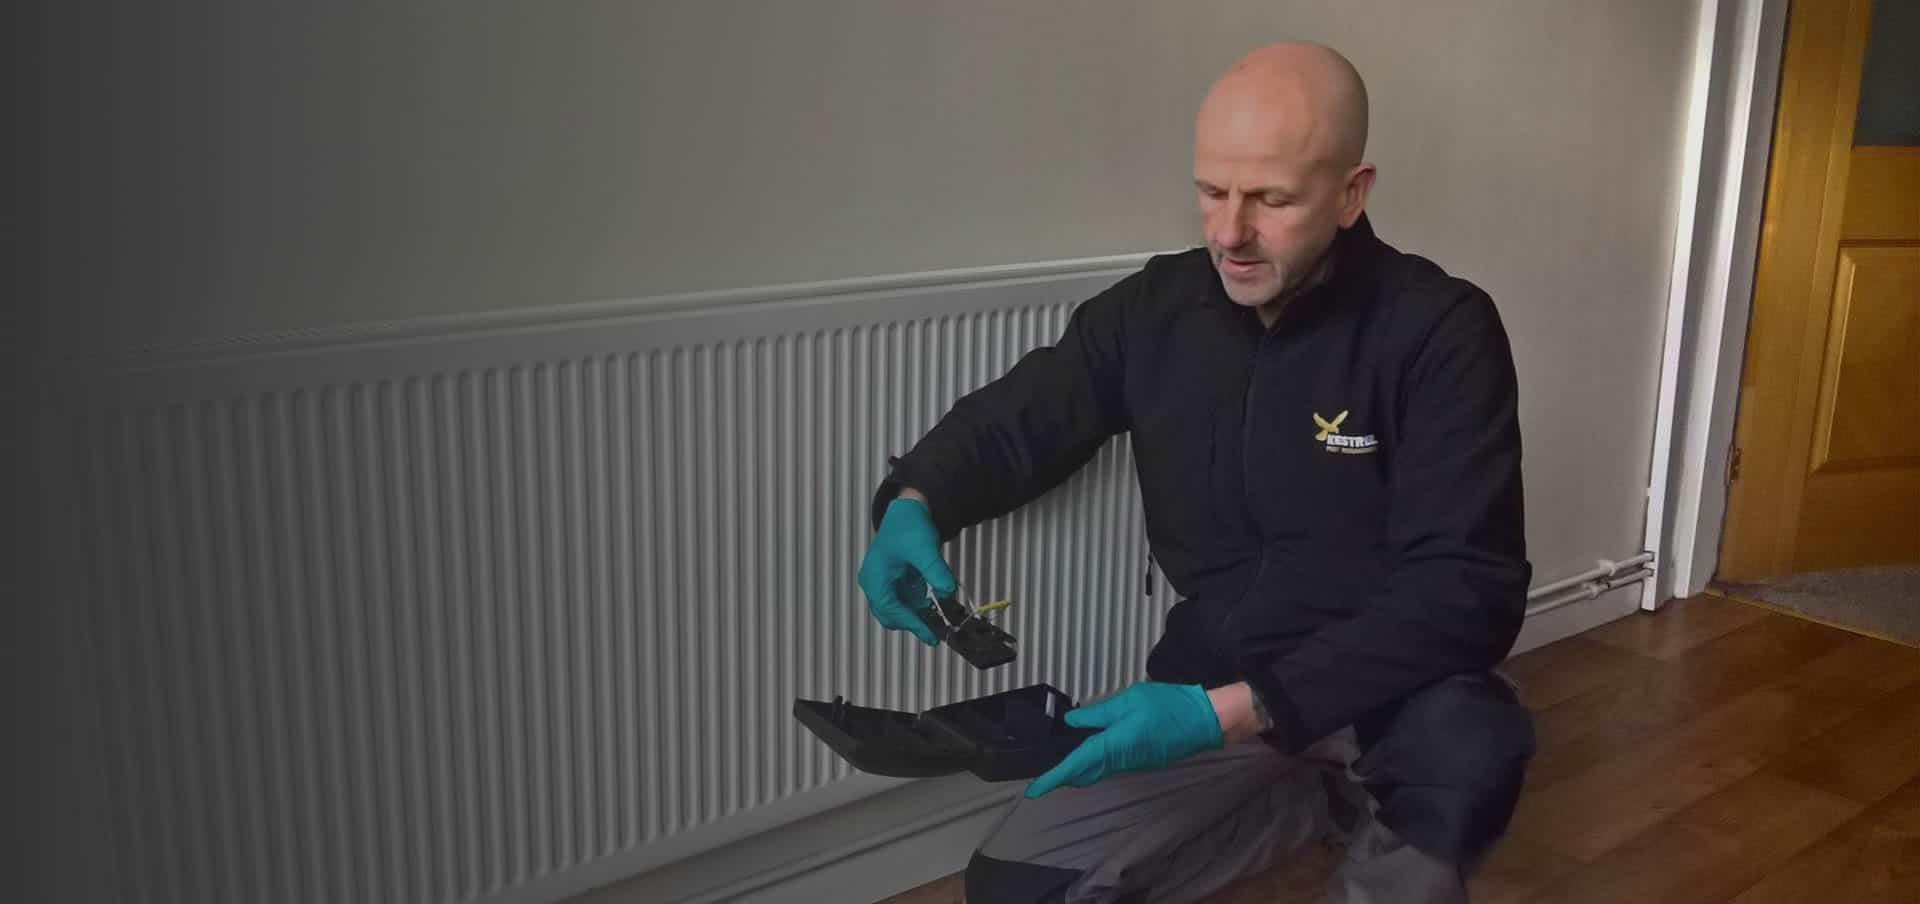 Doncaster's pest control specialist